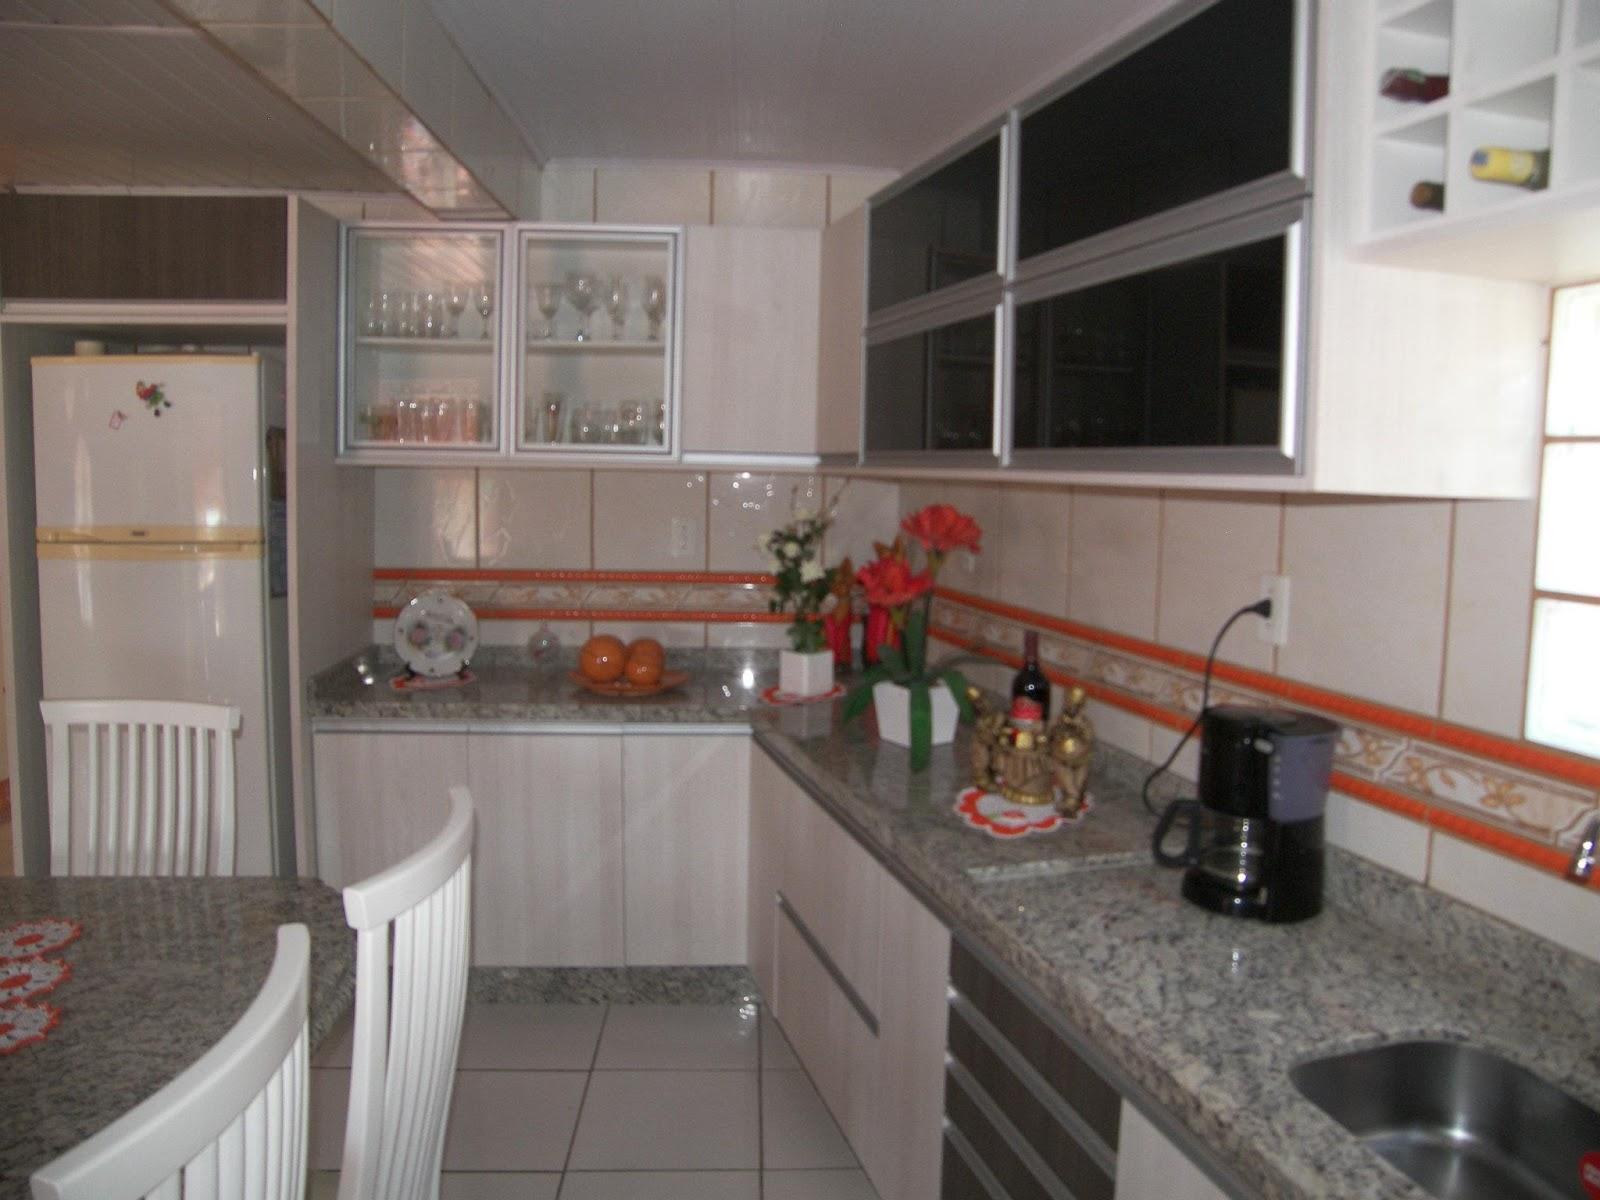 Formularte móveis sob medidas: Cozinha de Rafia cinza e Teka Ártico #A63C25 1600 1200